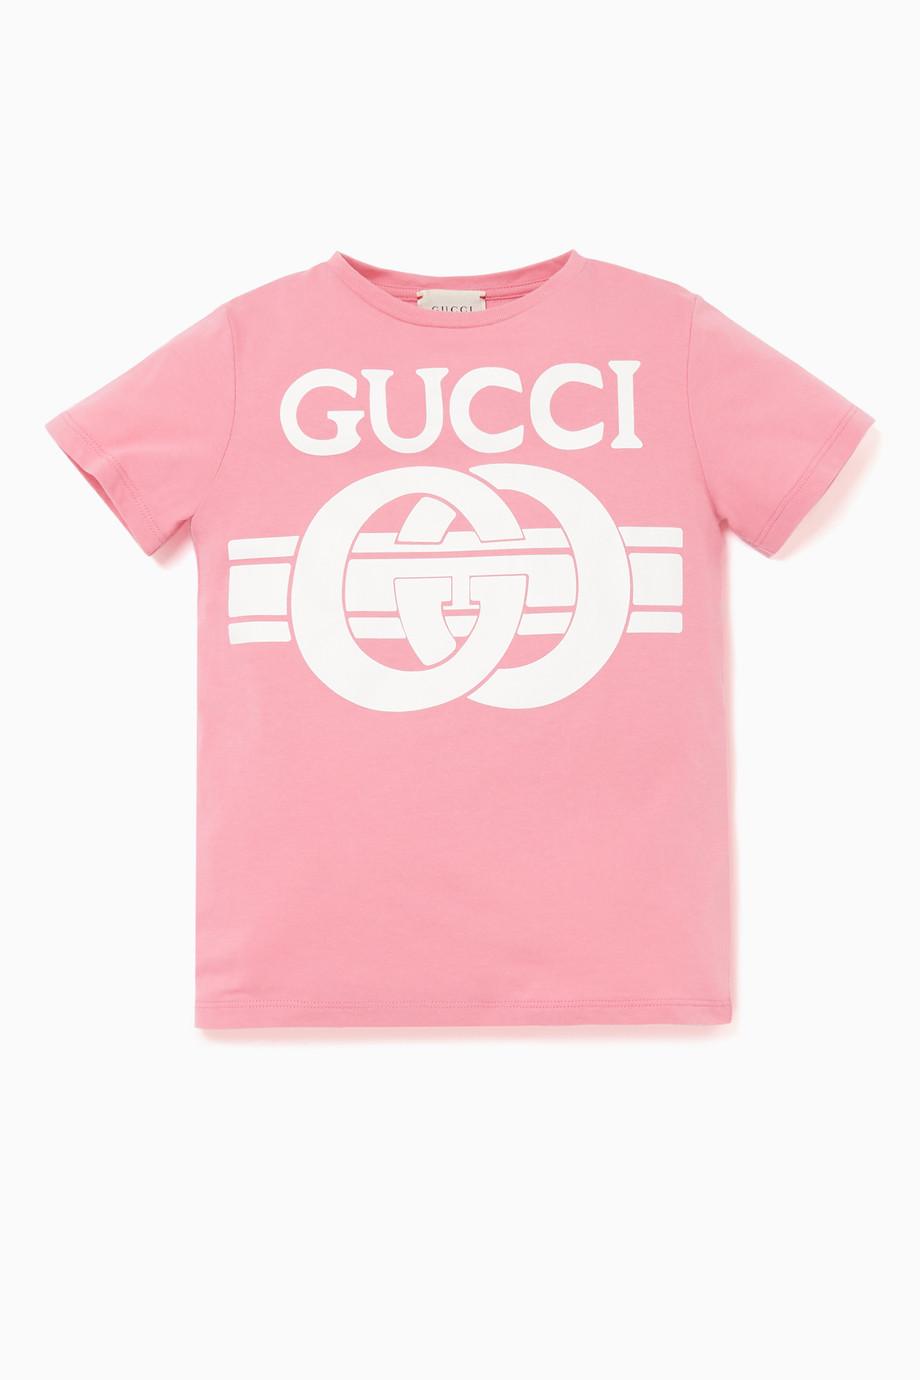 0de7a3b00 Shop Gucci Pink Logo Print T-Shirt for Kids | Ounass Saudi